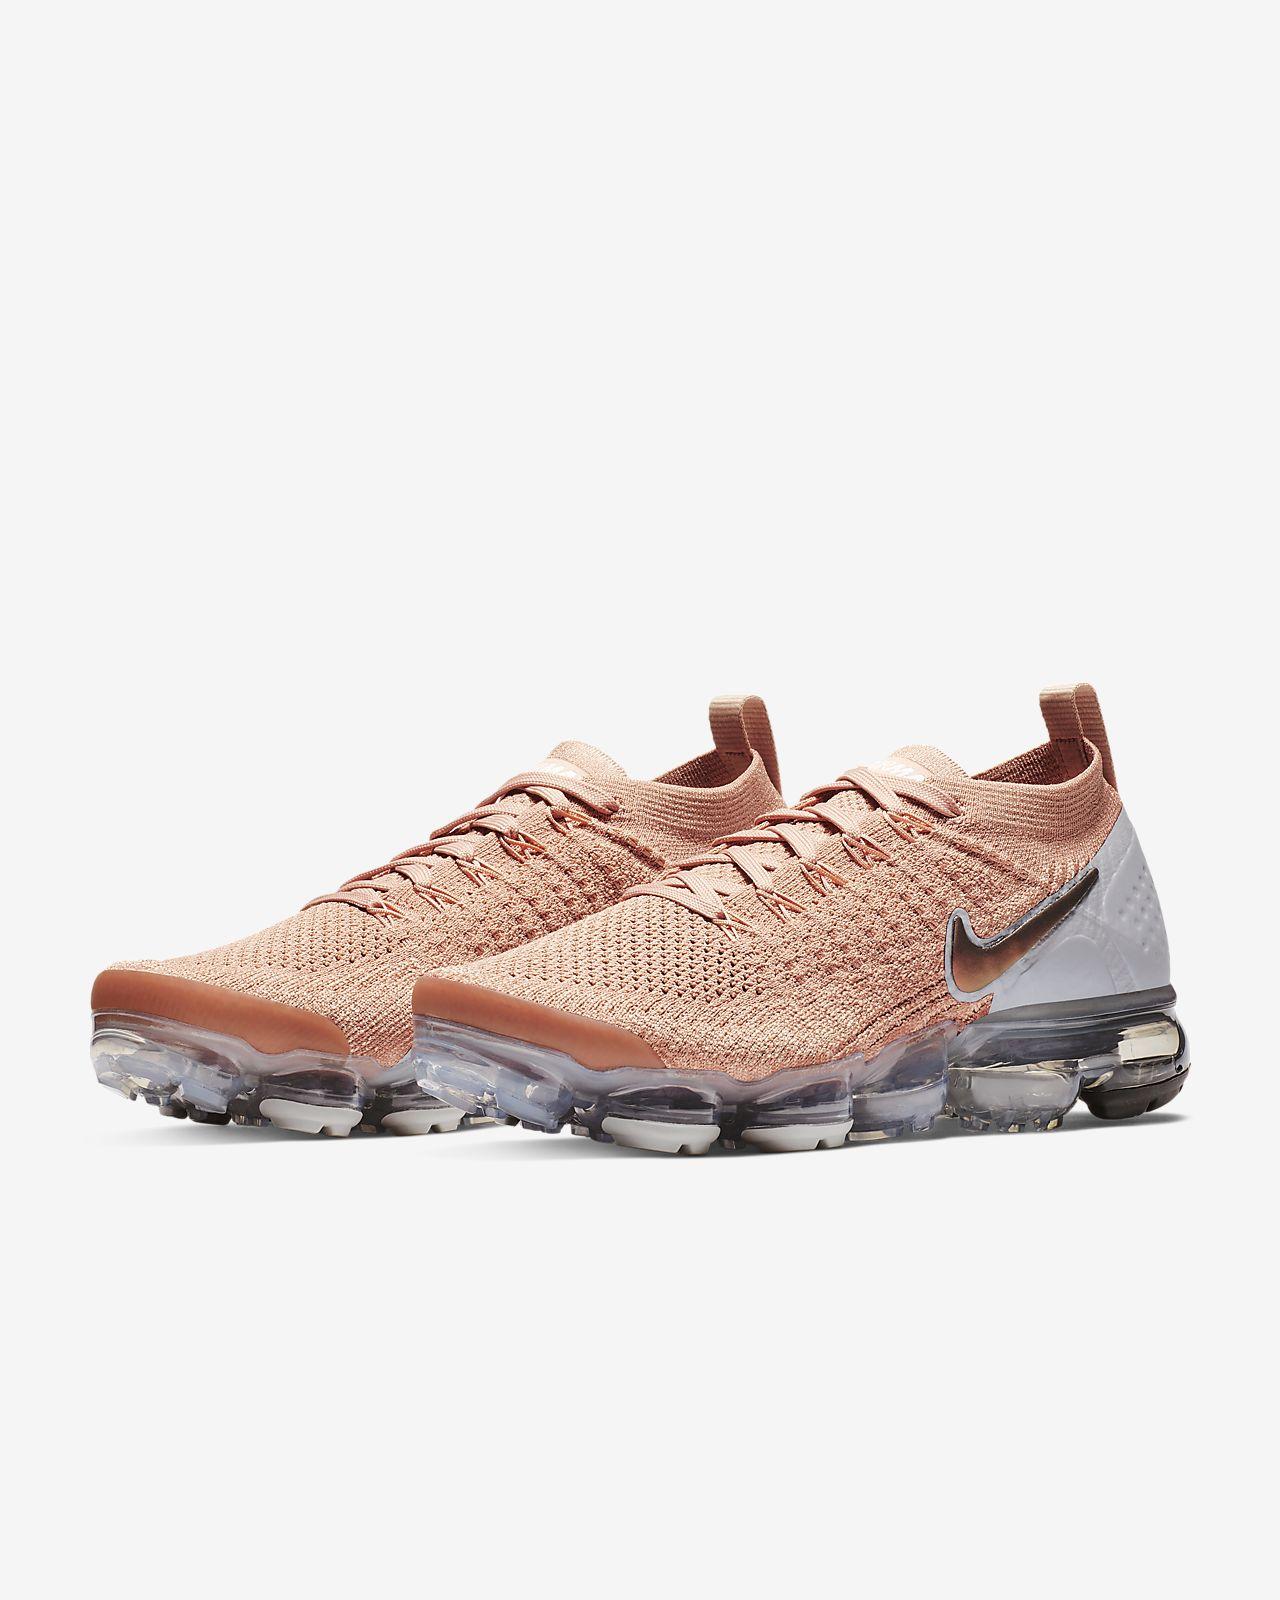 new product bce64 5953e ... Nike Air VaporMax Flyknit 2 Women s Shoe